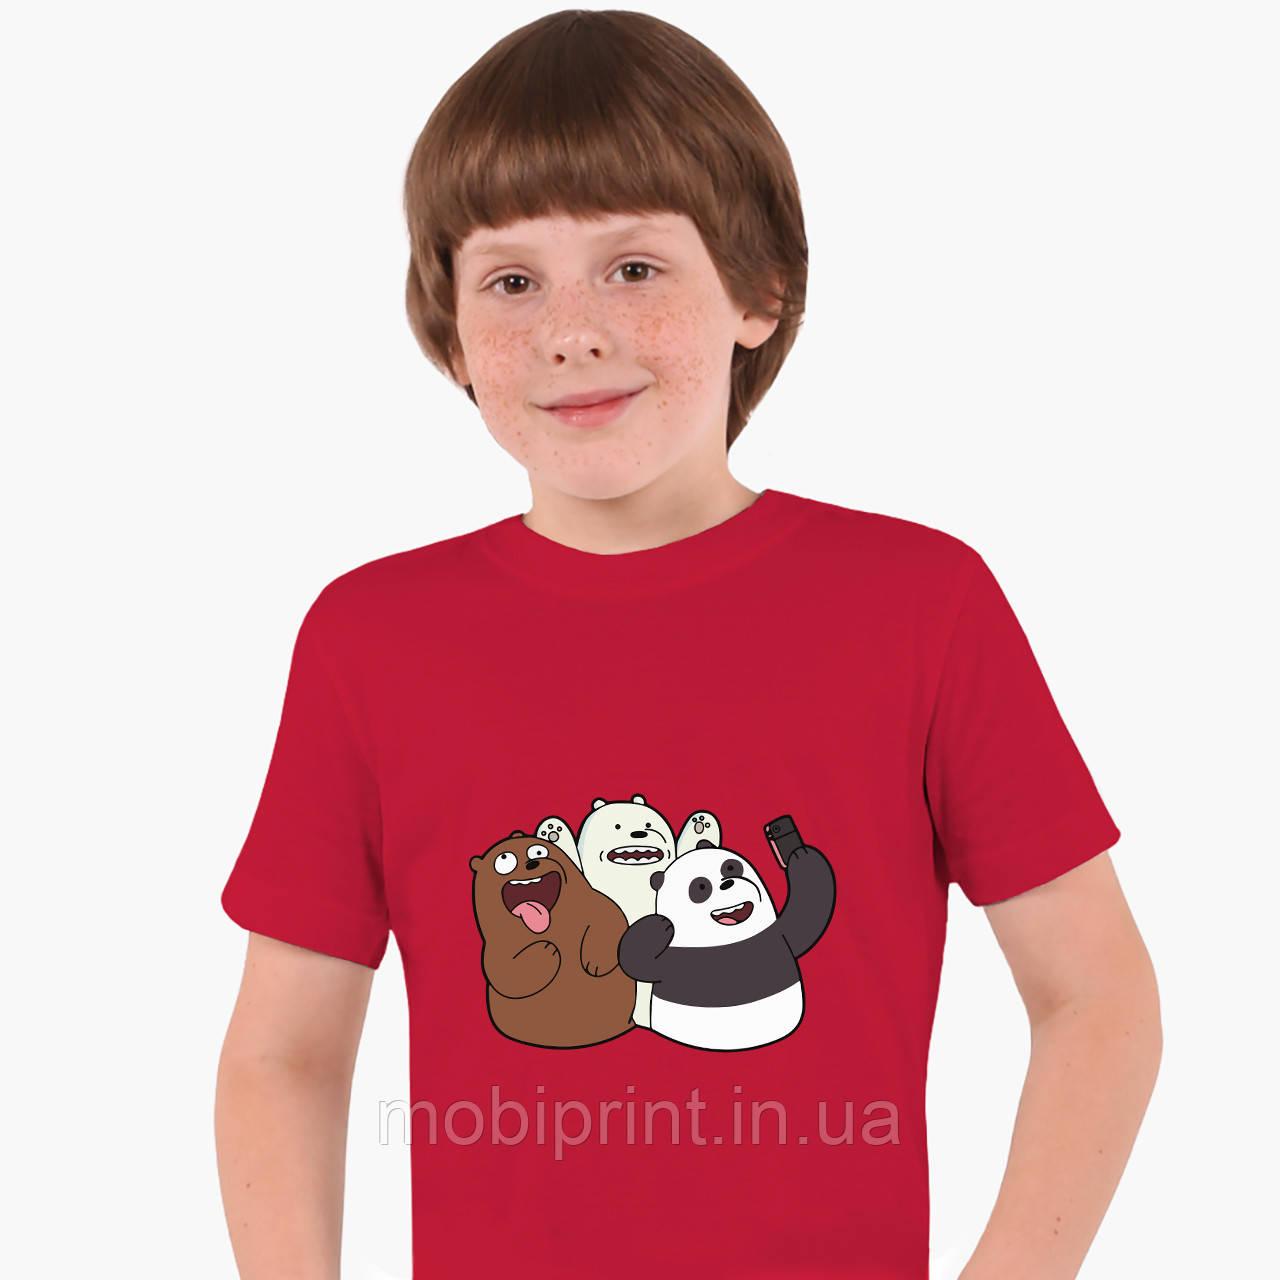 Детская футболка для мальчиков Вся правда о медведях (We Bare Bears) (25186-2665-RD) Красный